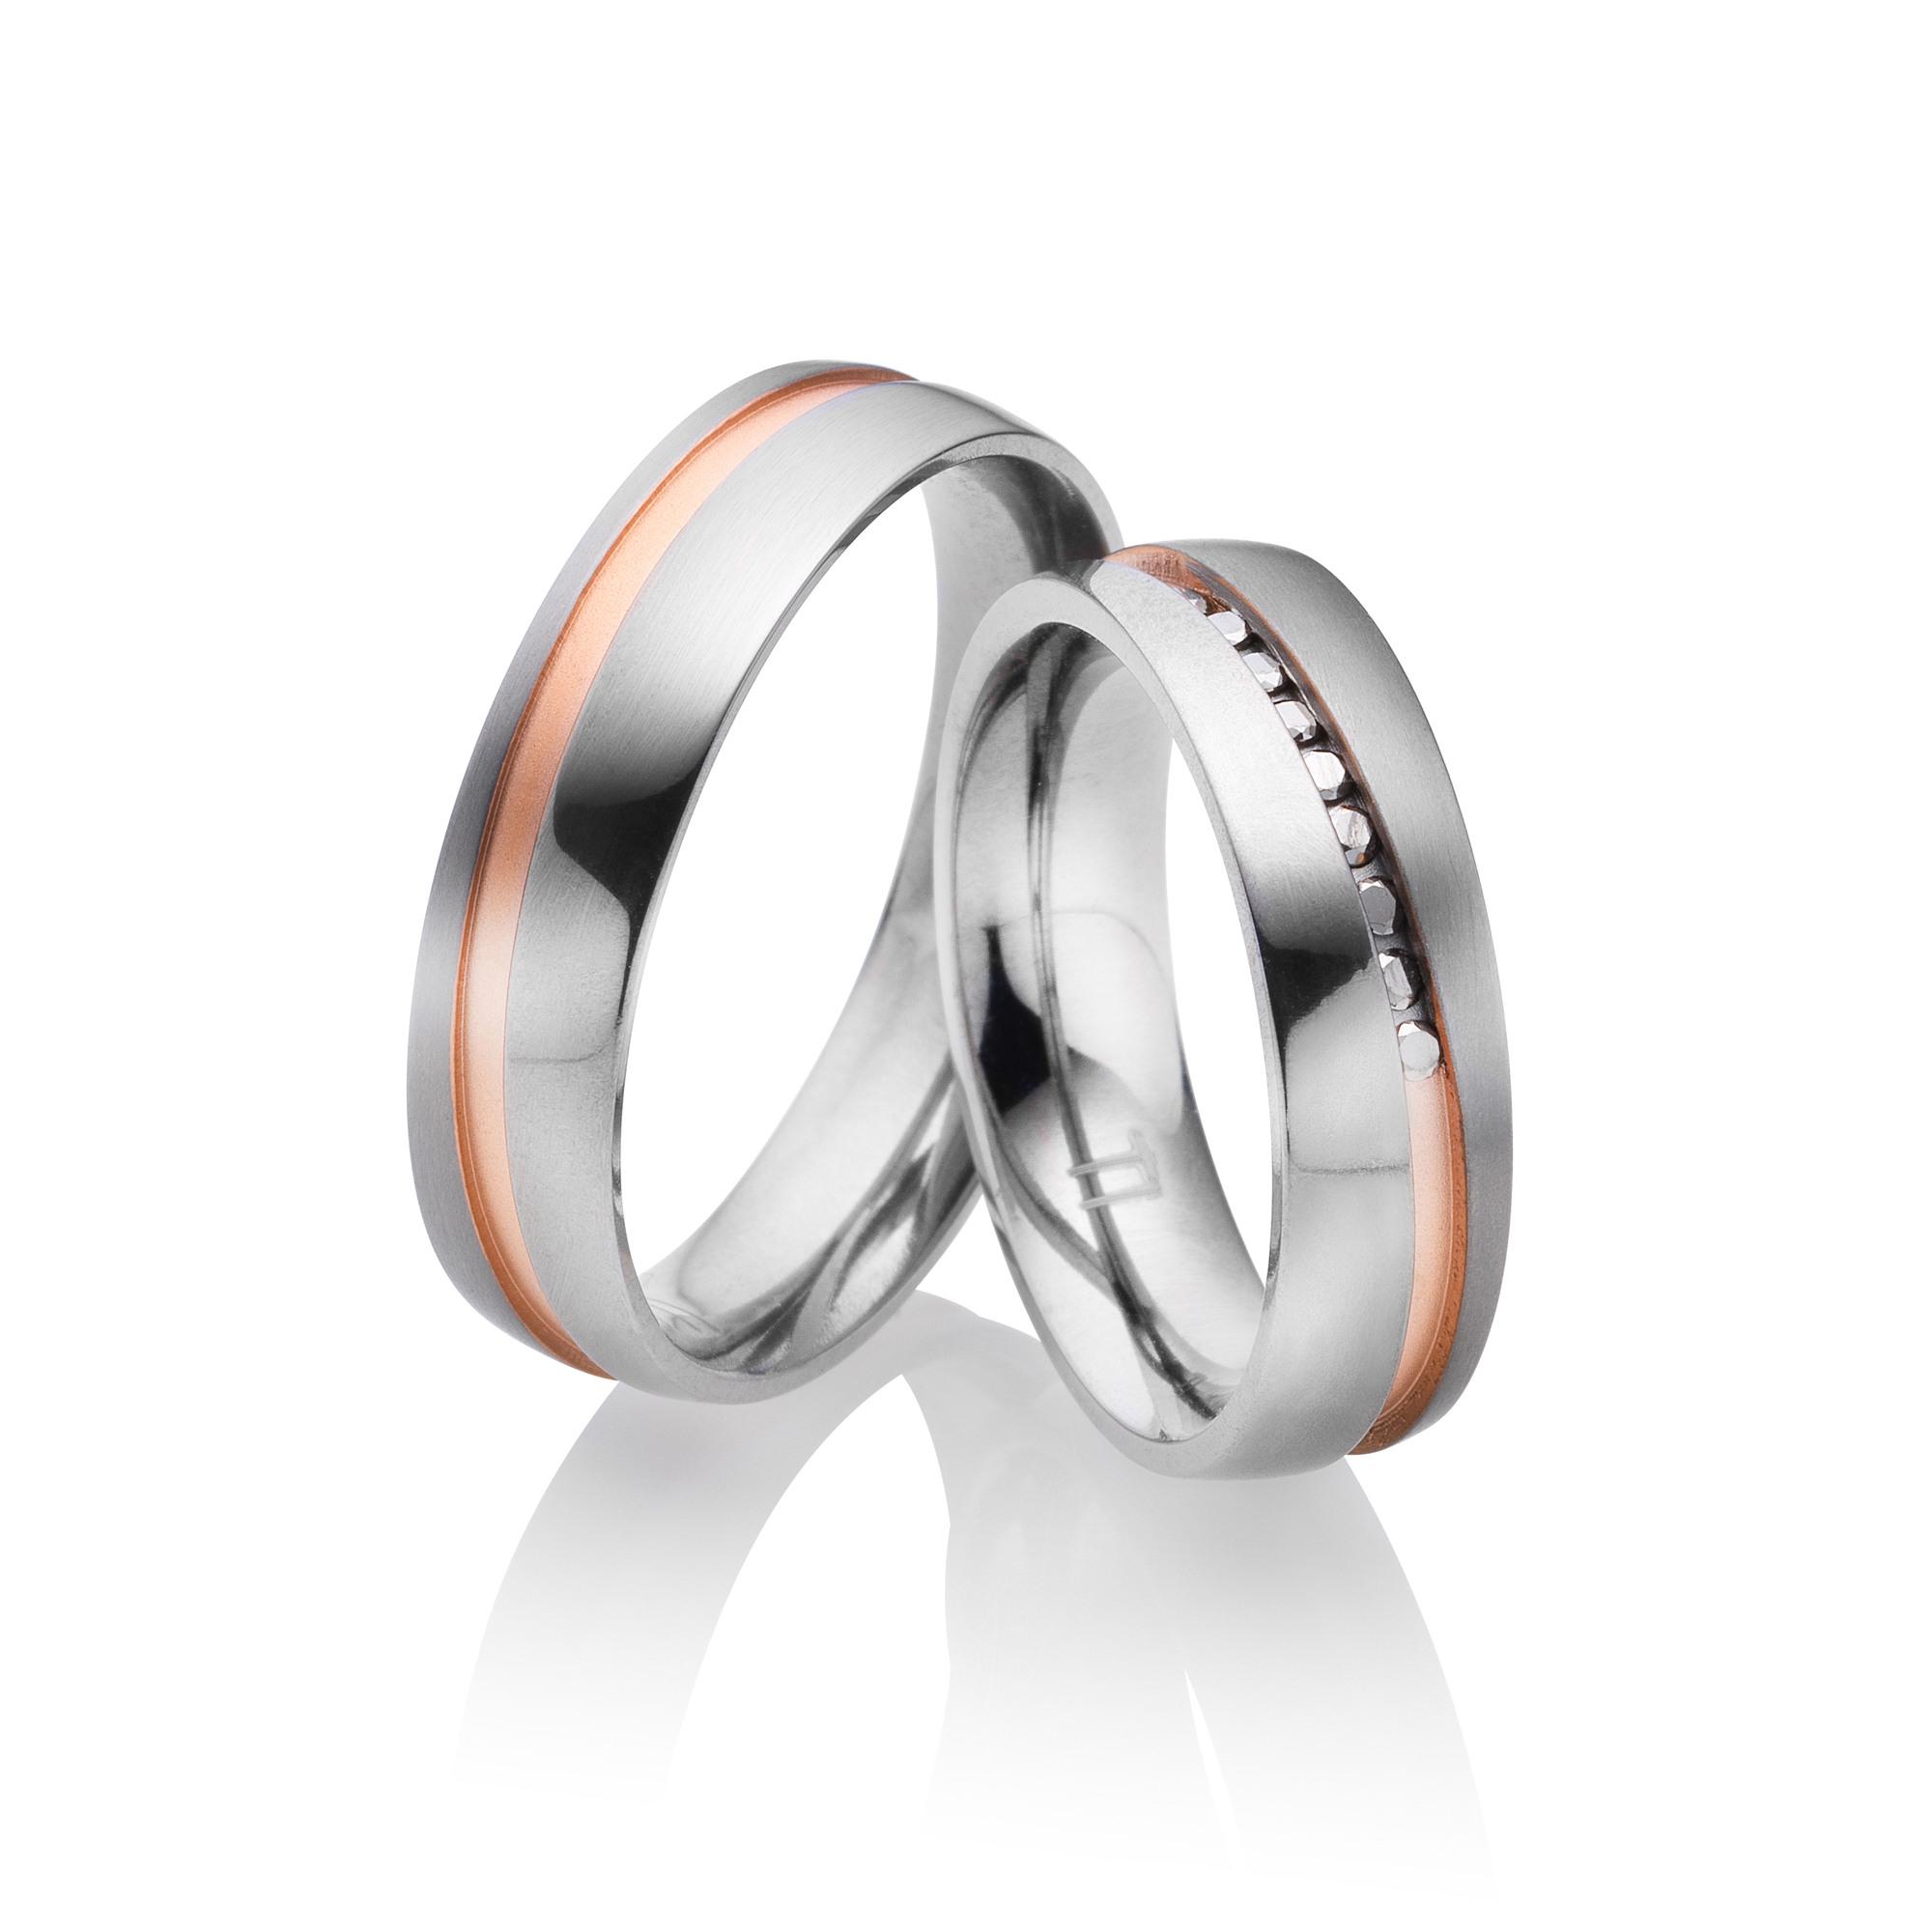 Titan Eheringe Partnerringe Paris   Miomi - Tungsten Carbide Jewelry